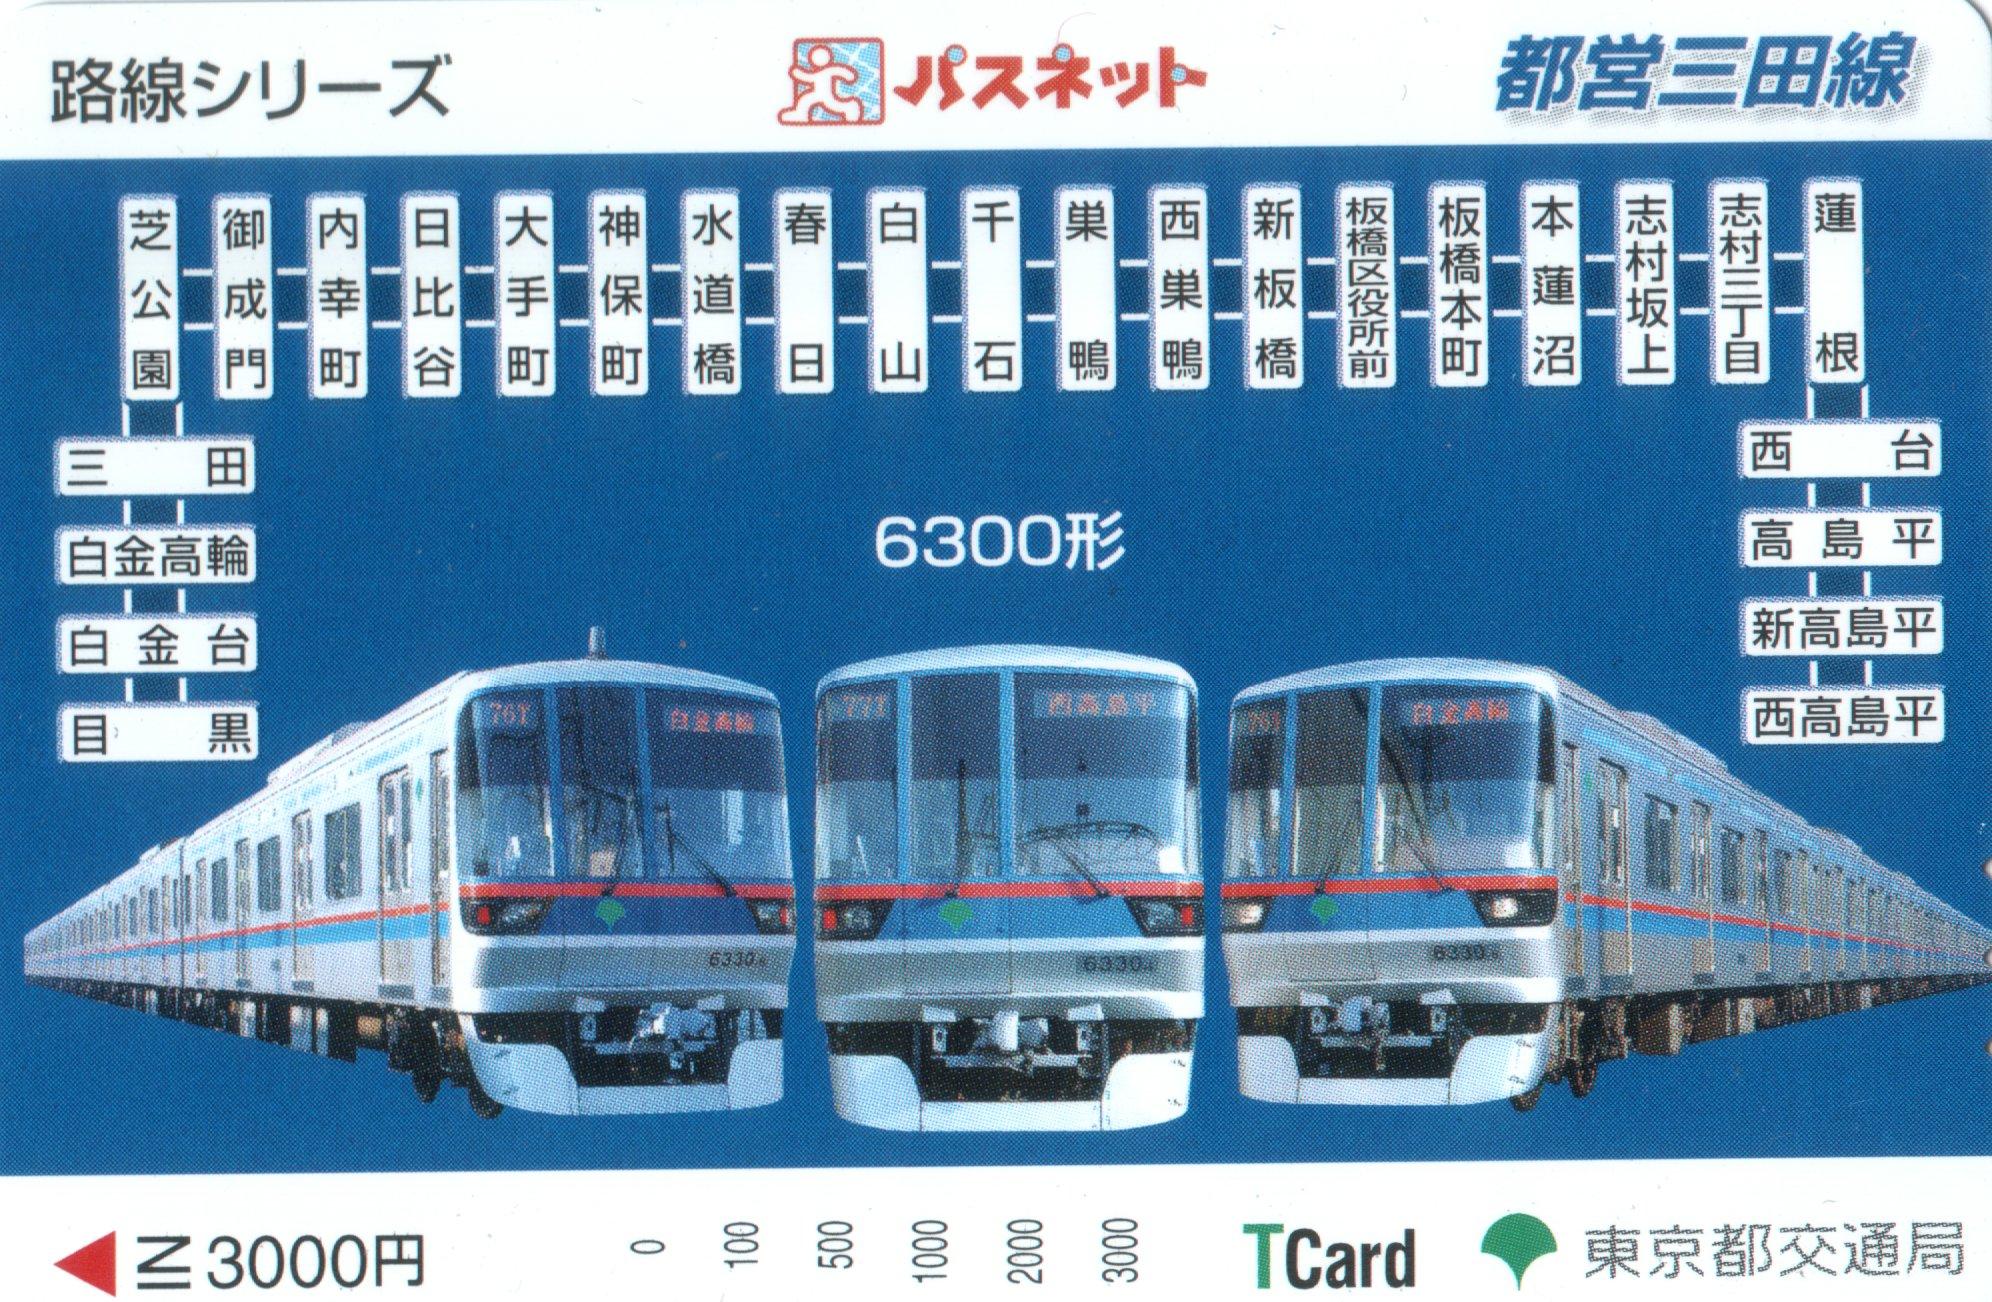 Mita Line Route Map